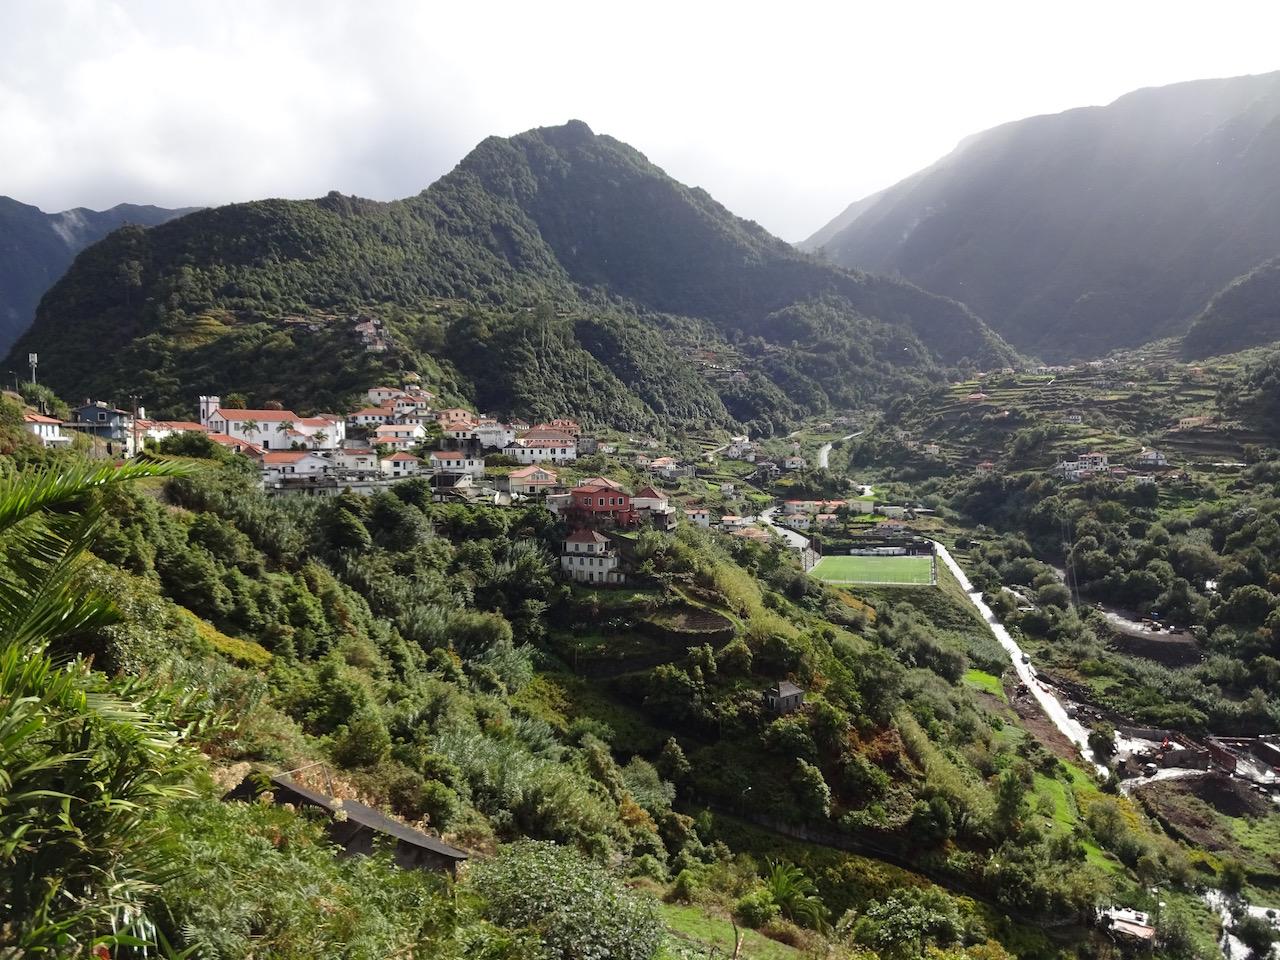 Blick auf ein Bergdorf